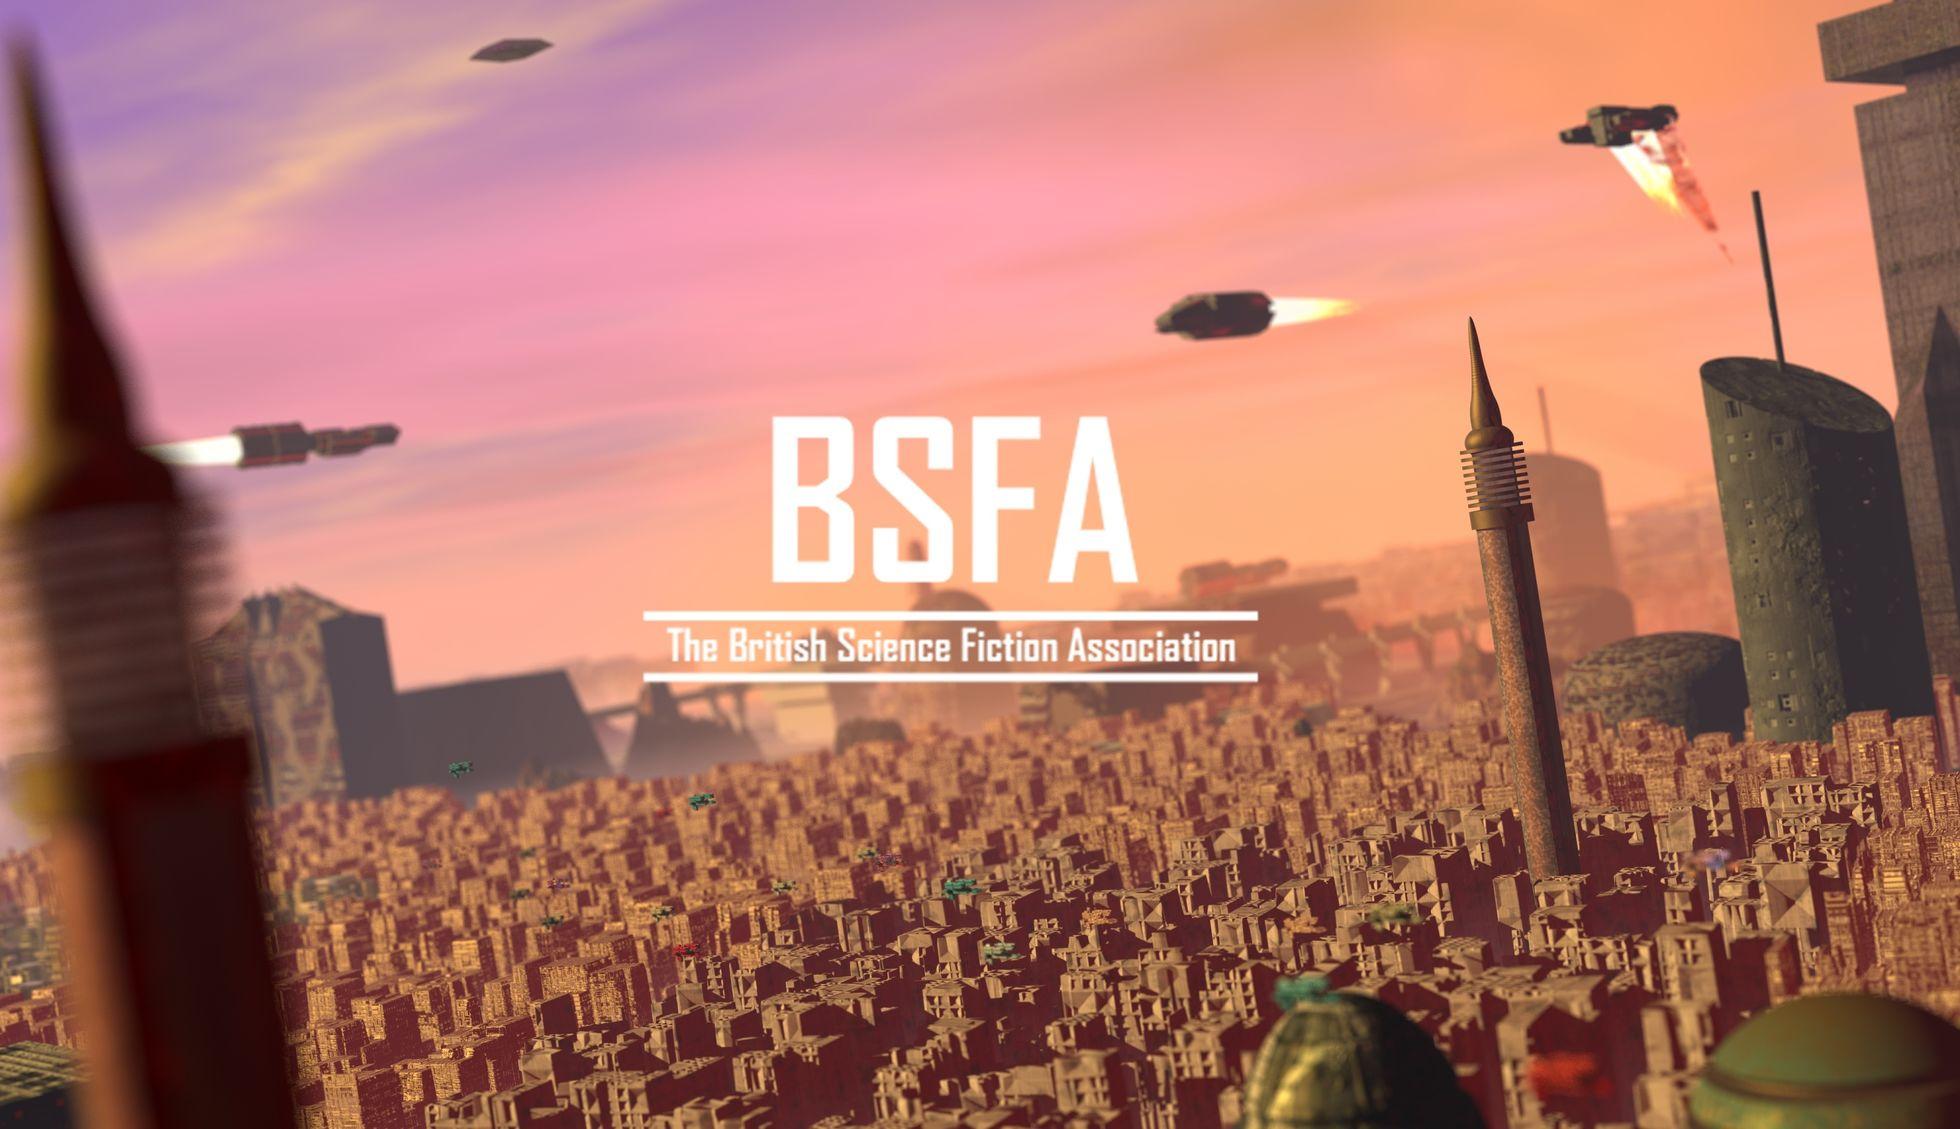 Les nommés pour les BSFA Awards 2020 sont ...